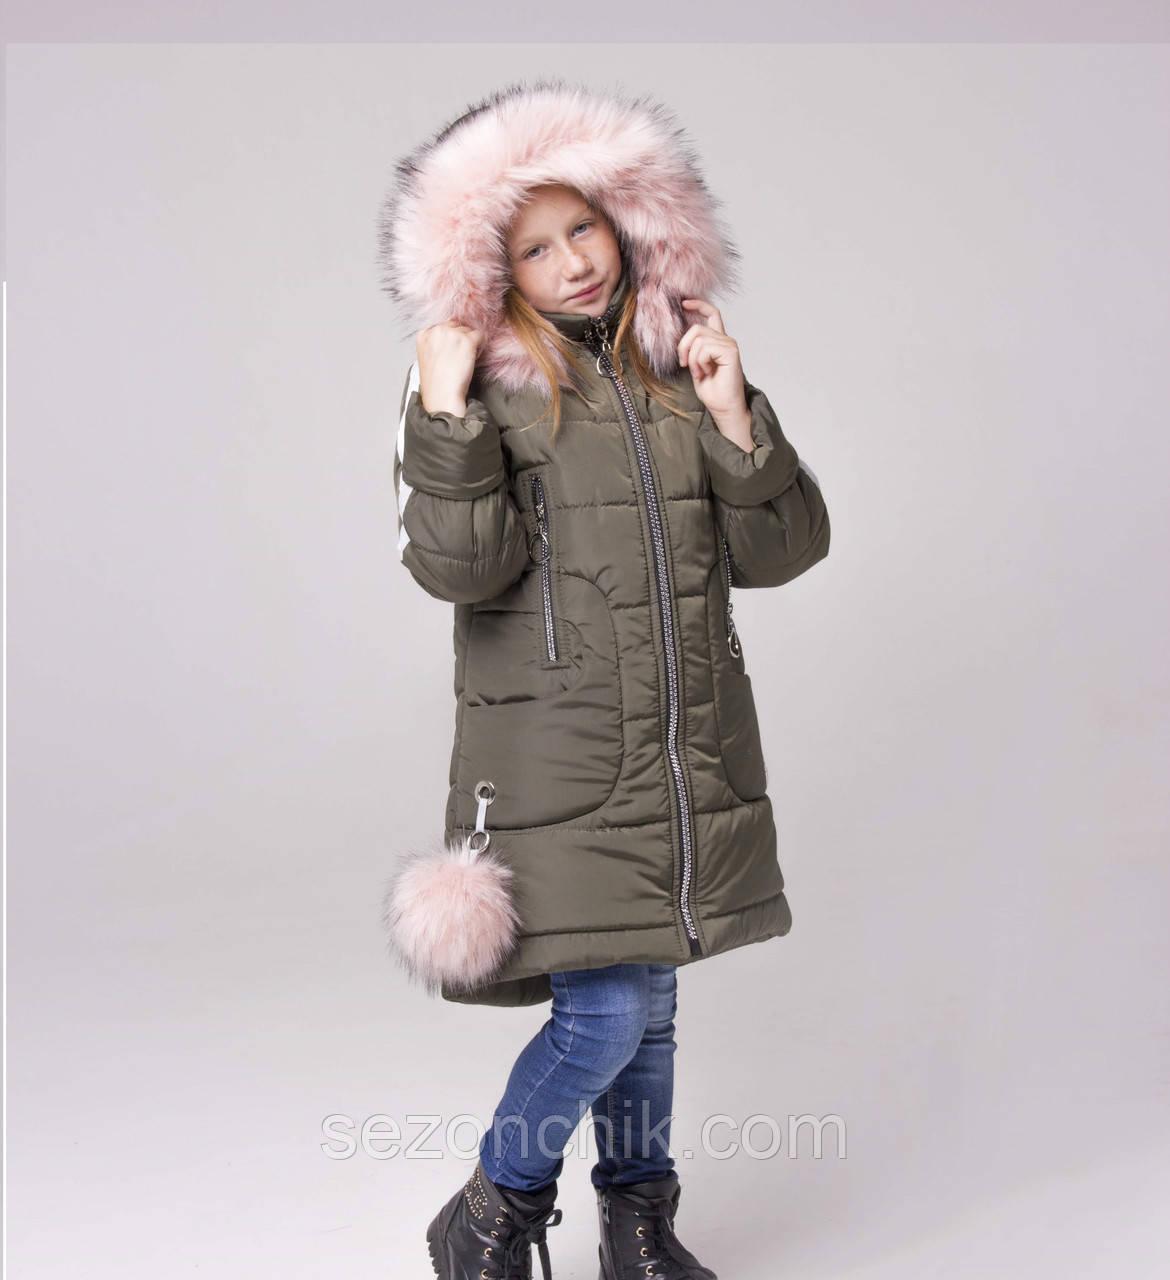 465114ba501 Недорого куртку зимнюю для девочки от производителя стильную ...